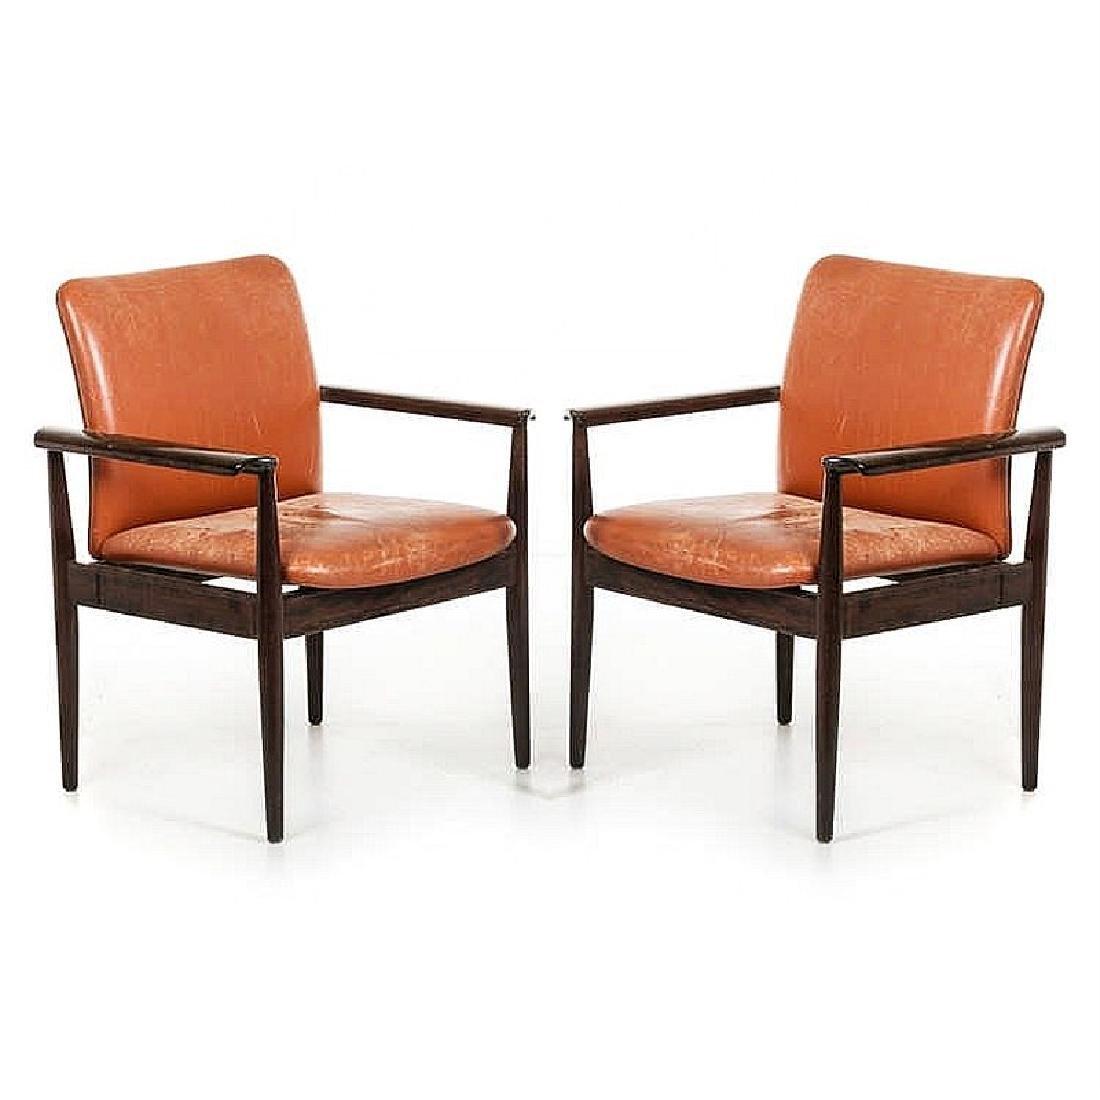 FINN JUHL (1912-1989) - Two Diplomat chairs